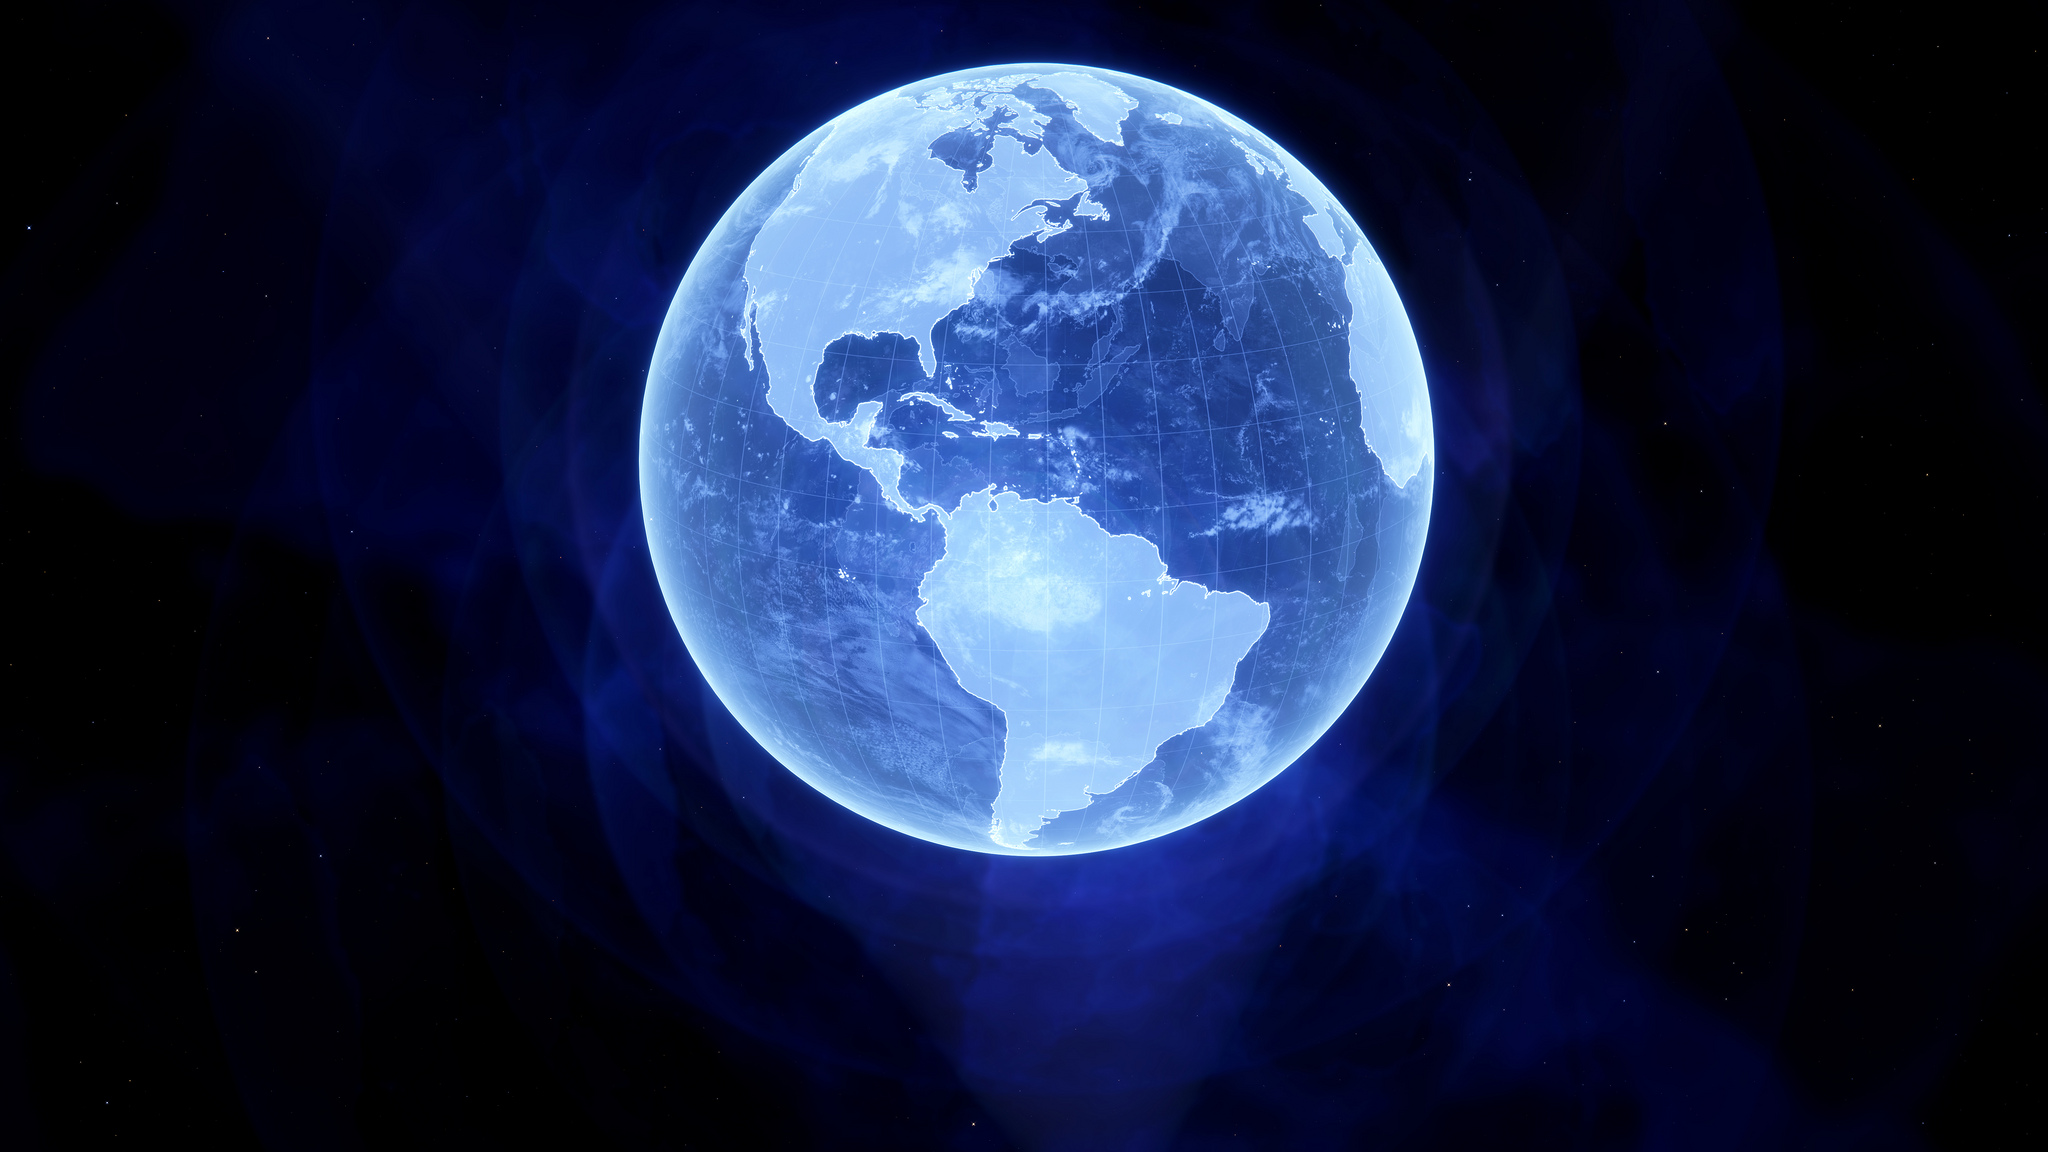 Hologram Earth - Image Credit:  Kevin Gill/flickr